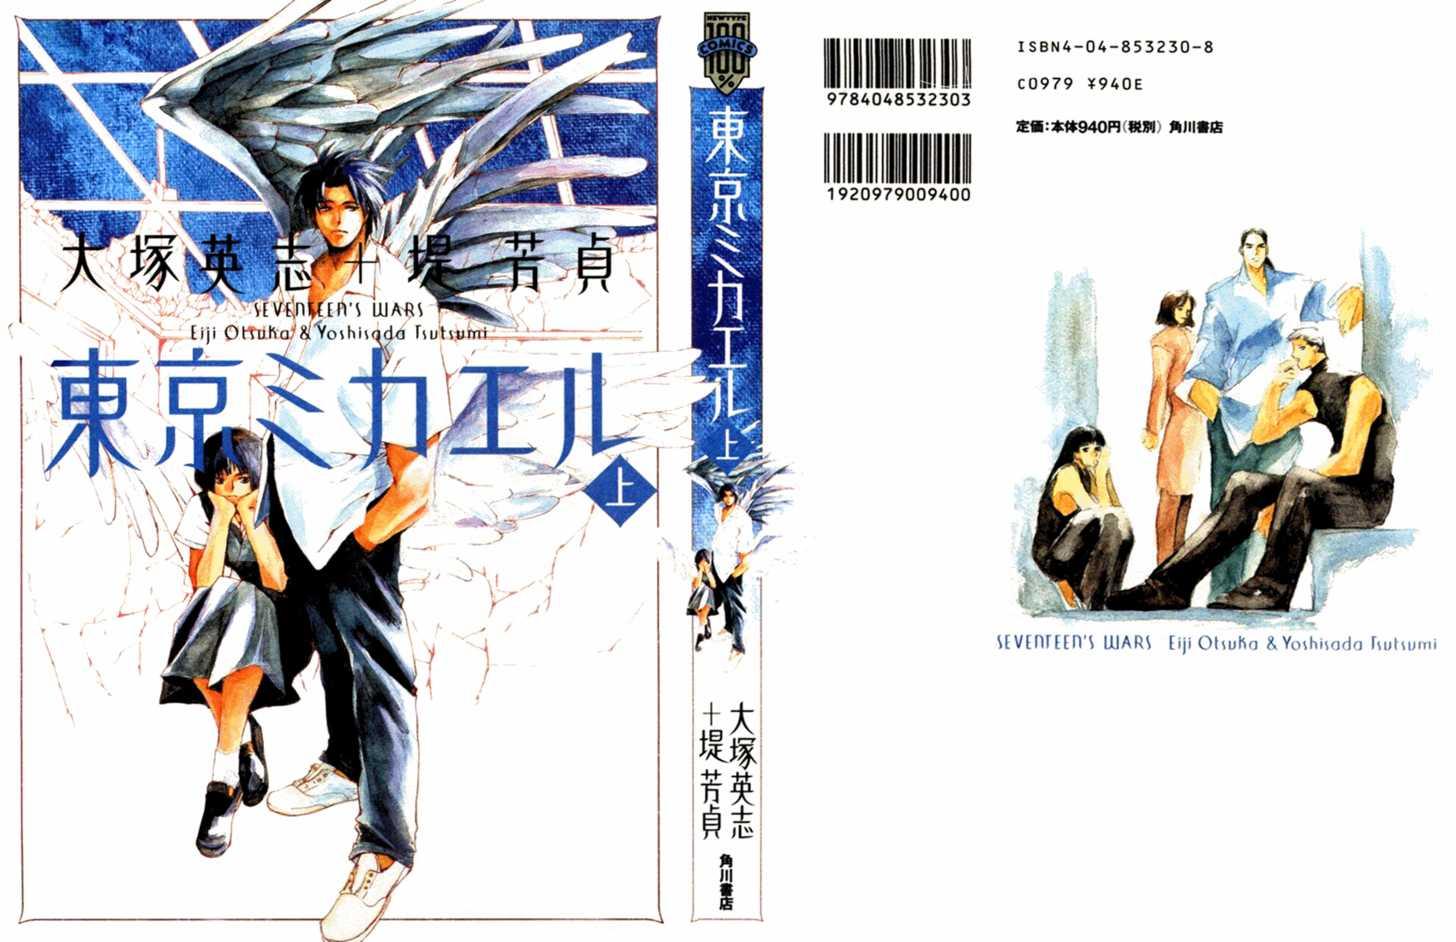 Tokyo Mikaeru 1 Page 2